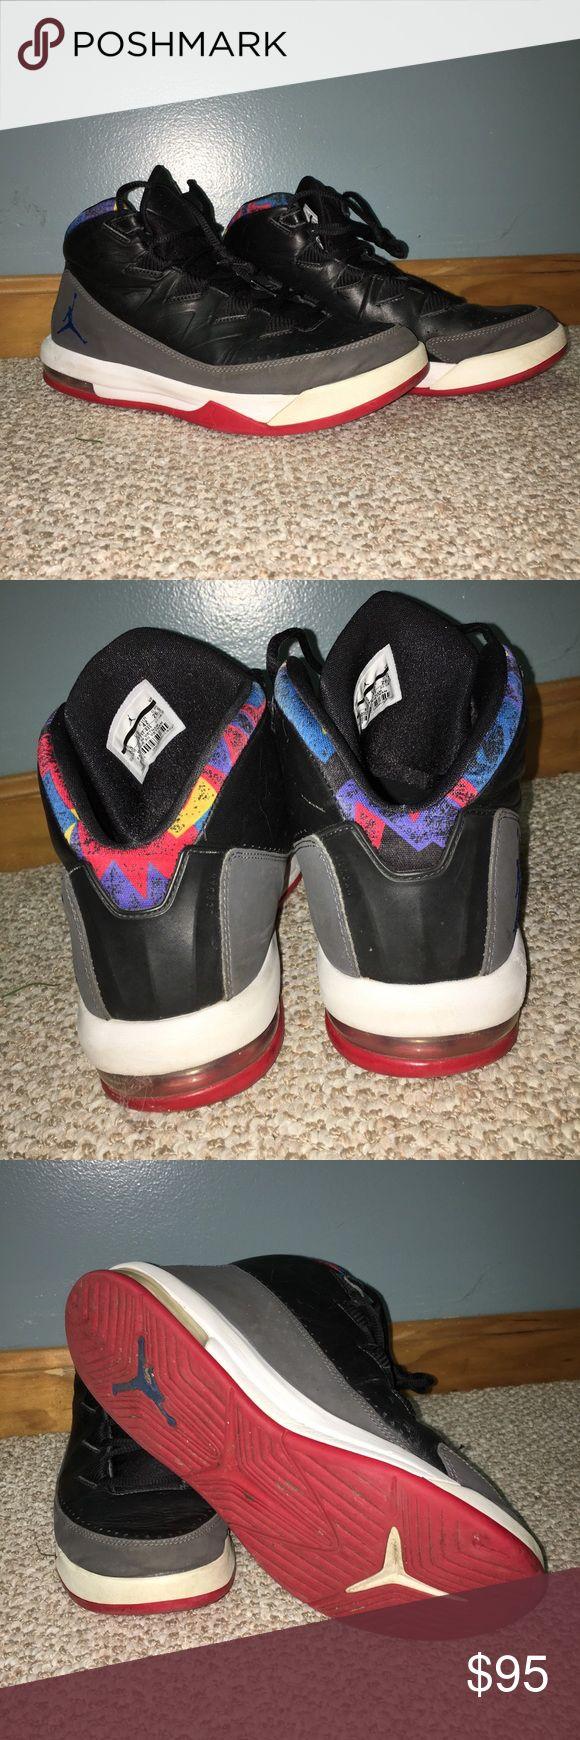 FLASH SALENike Air Jordan Deluxe Blye Sneakers Sneakers